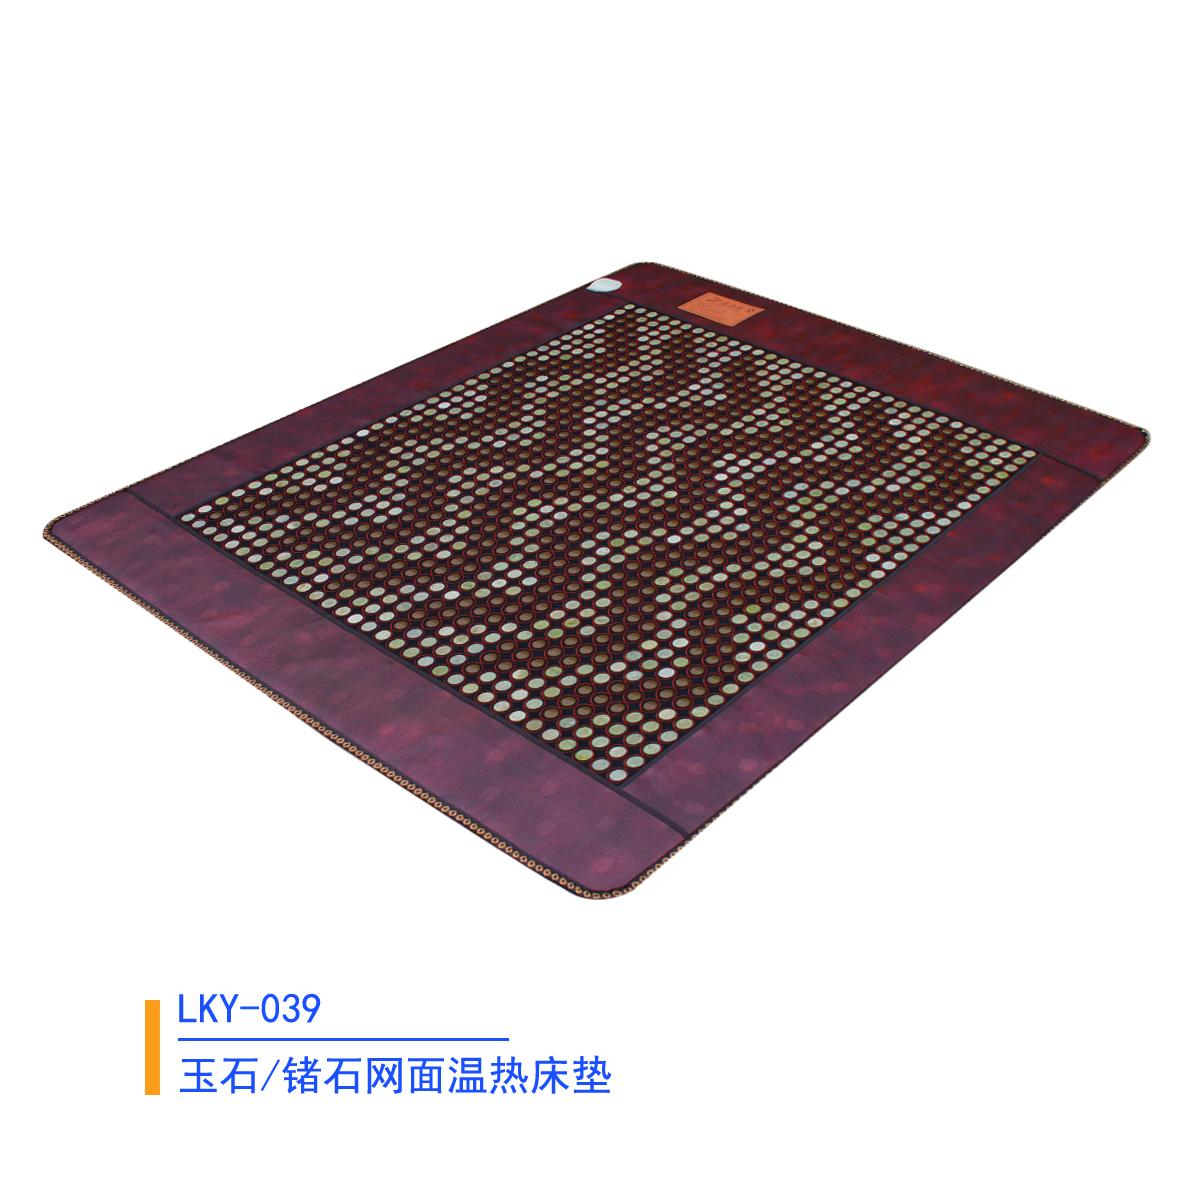 玉石锗石网面温热床垫039